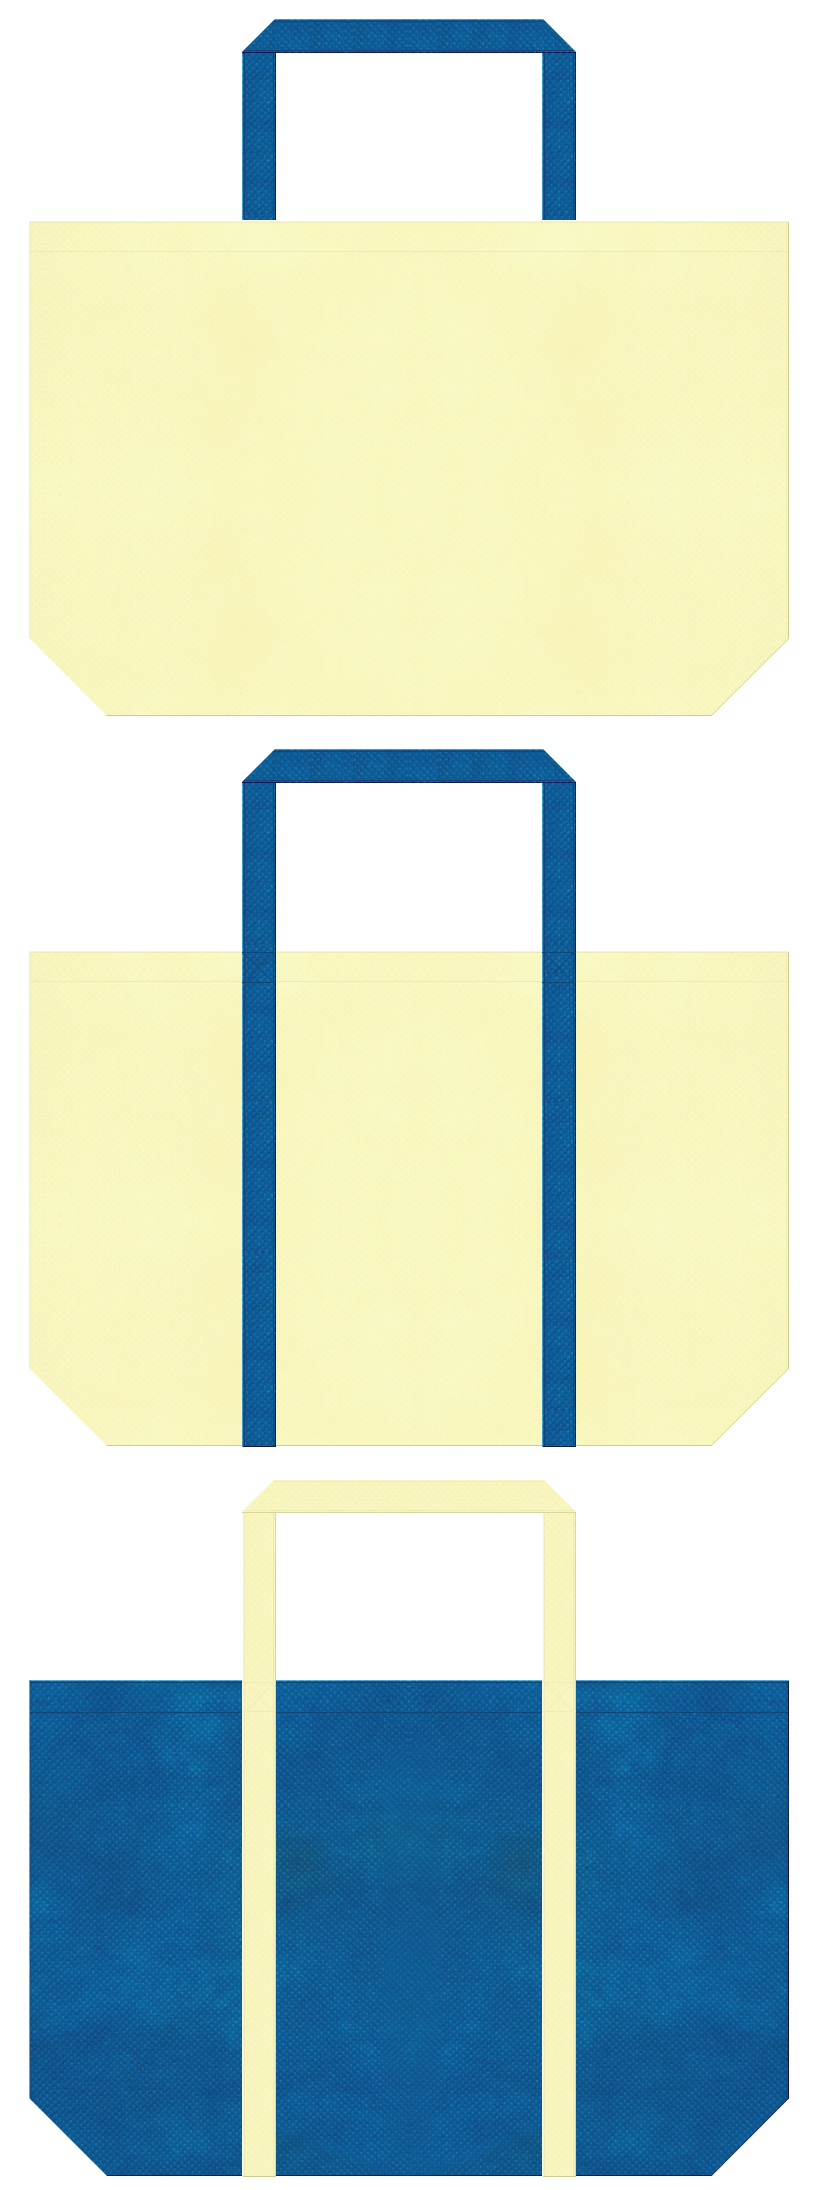 薄黄色と青色の不織布マイバッグデザイン。LED照明の展示会用バッグにお奨めです。